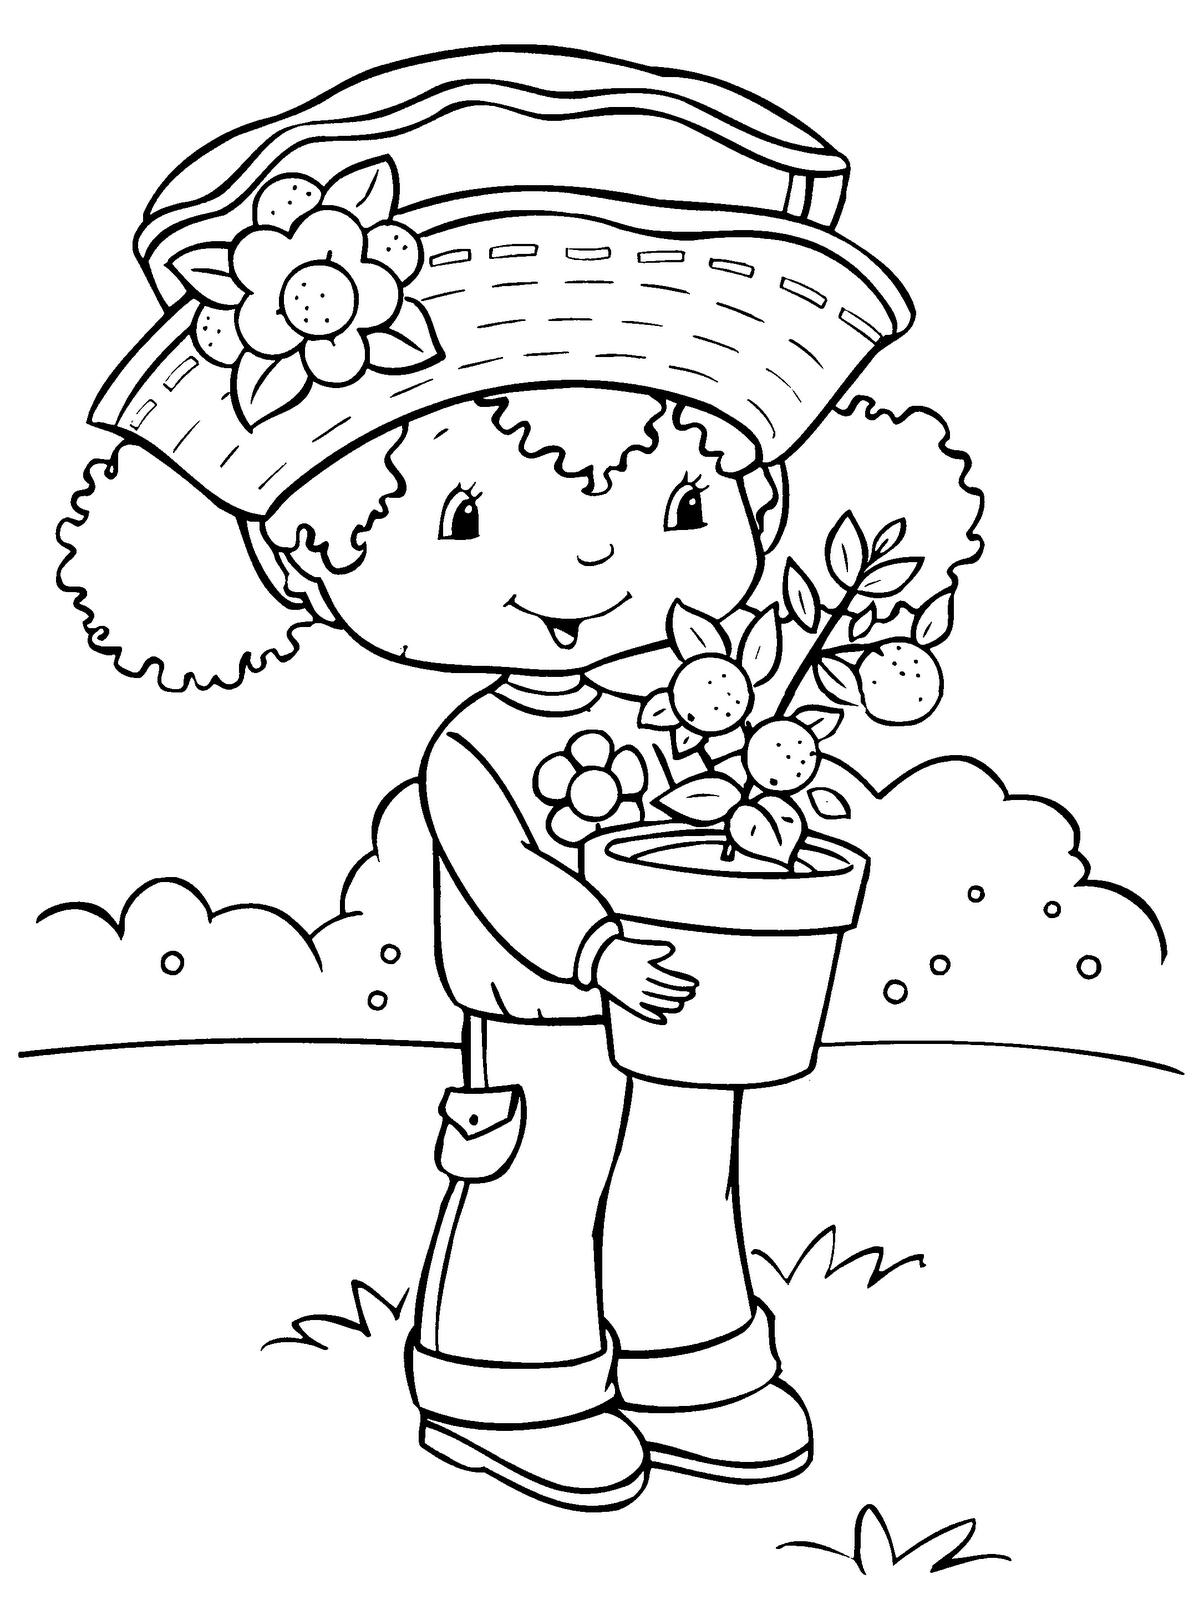 Dibujos para colorear: Muñeca Tarta de fresa con maceta para pintar ...